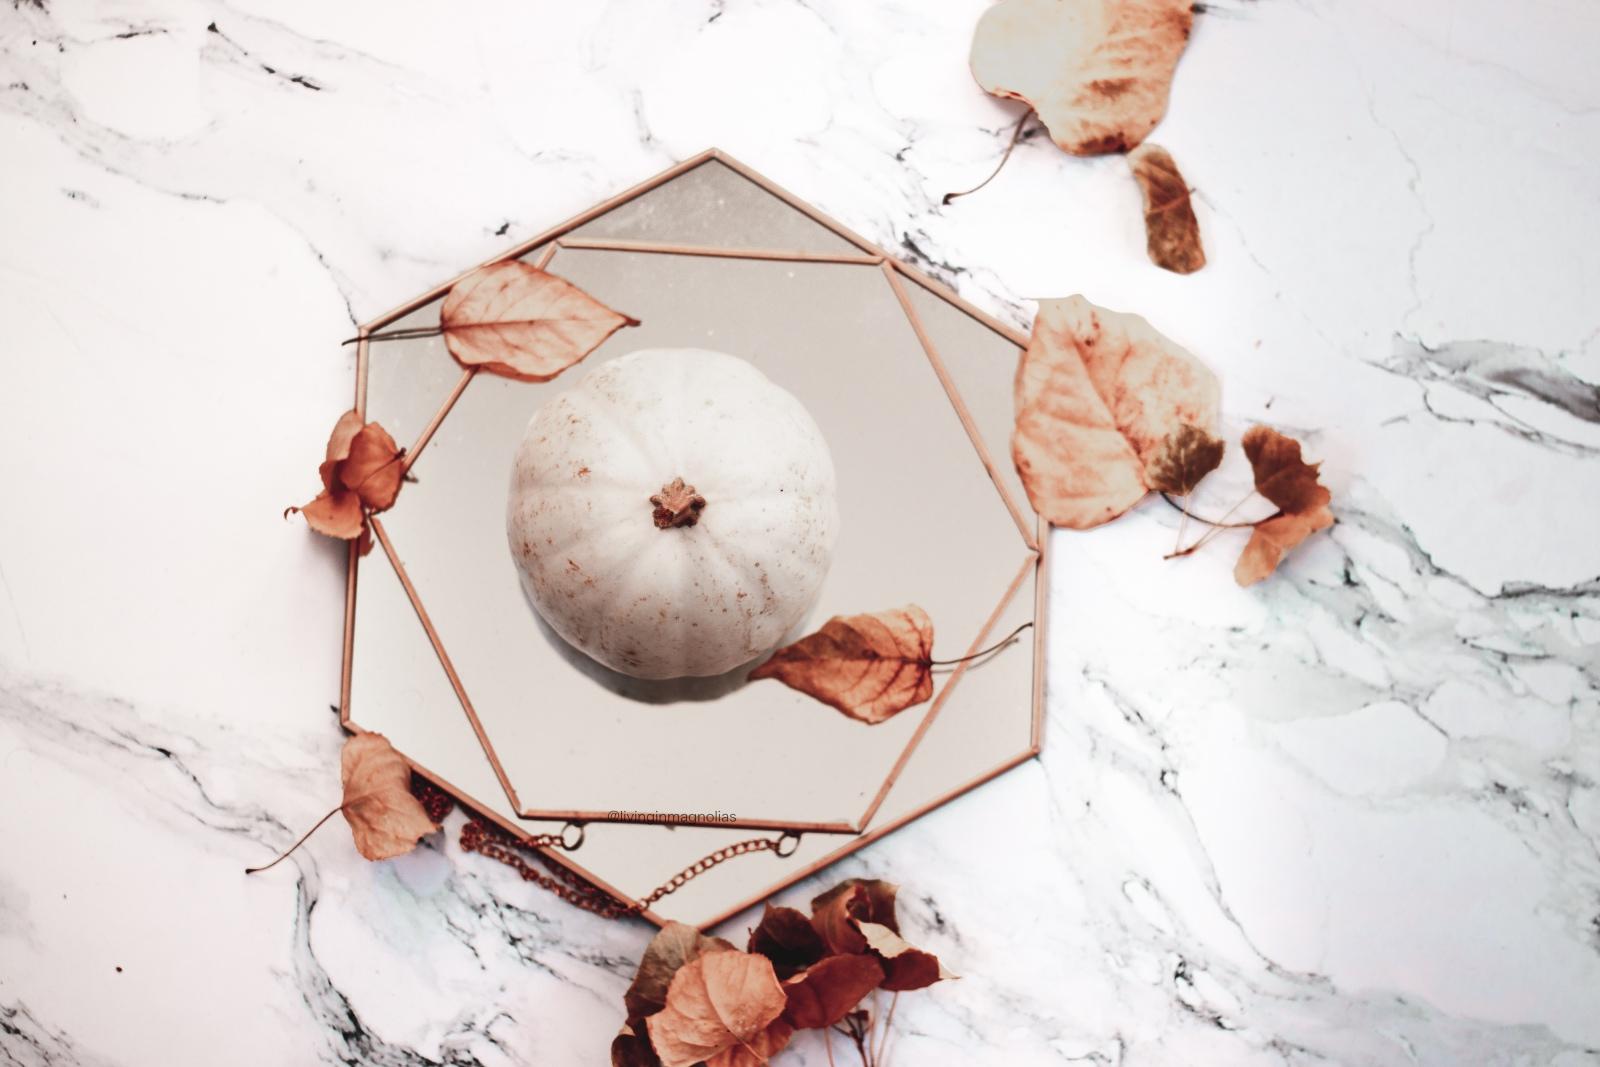 Autumn vibe how to save money jesien jak oszczedzac jesienna kuchnia autumn food dynia pumpkin